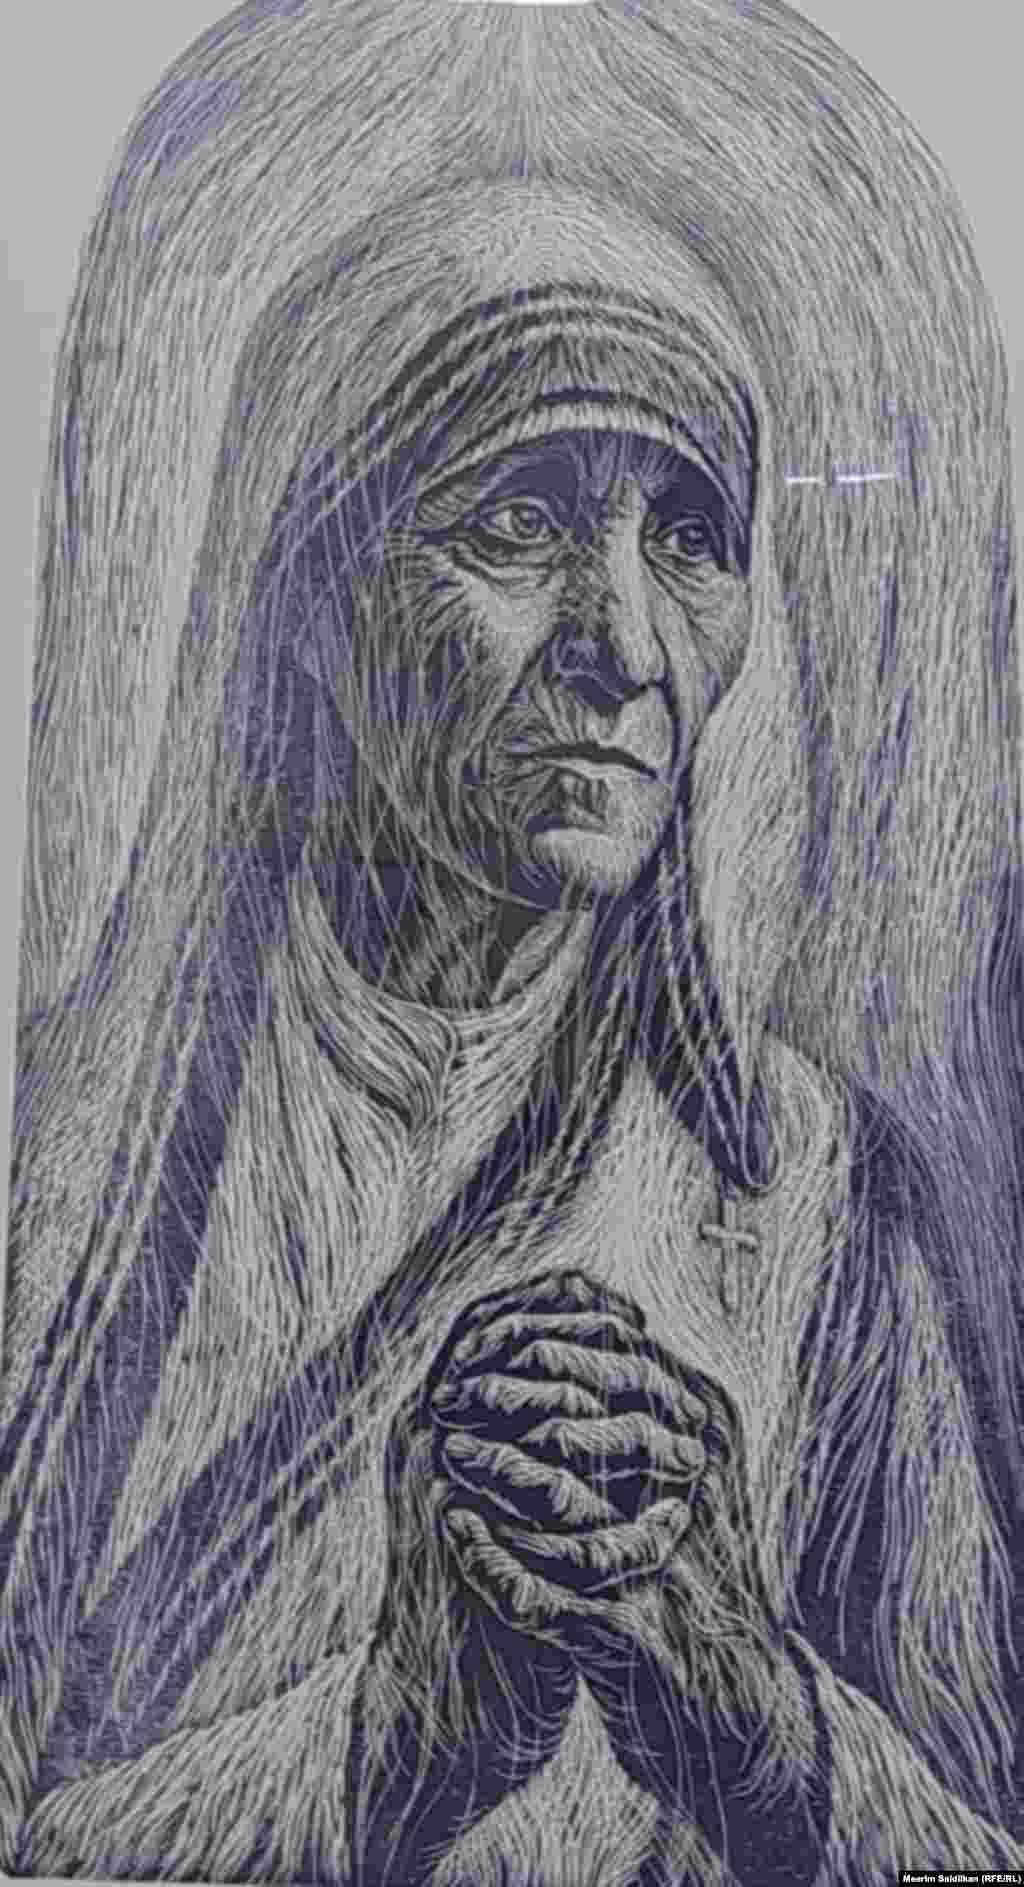 """Р.А. Сайфуллиндин """"Тереза эне"""" аттуу эмгеги Линогравюра, 2014"""